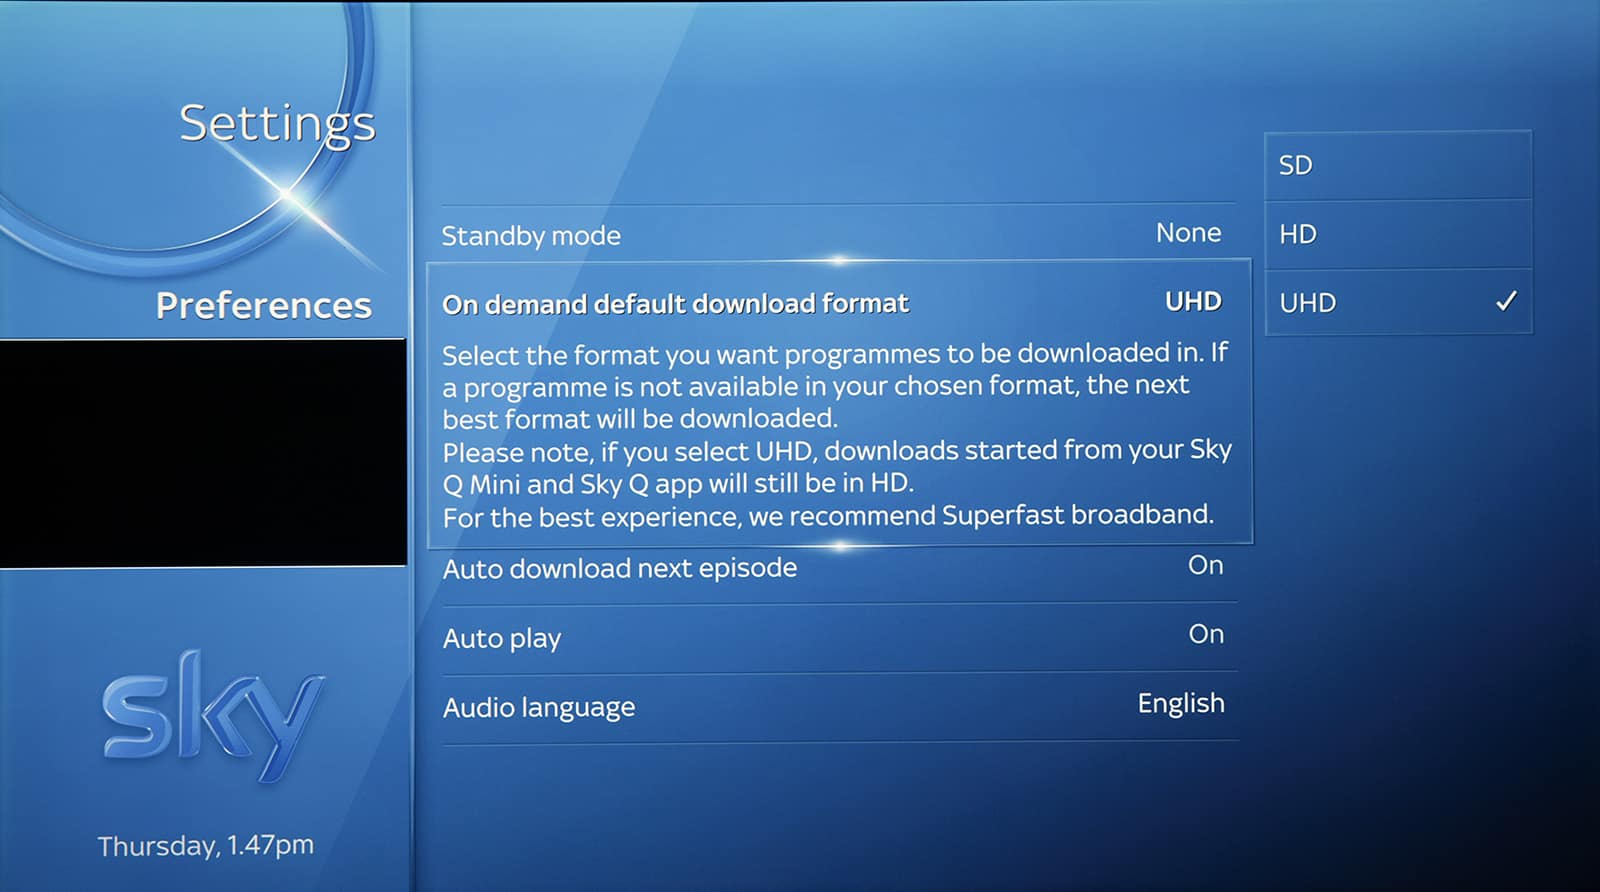 On demand default download for Sky